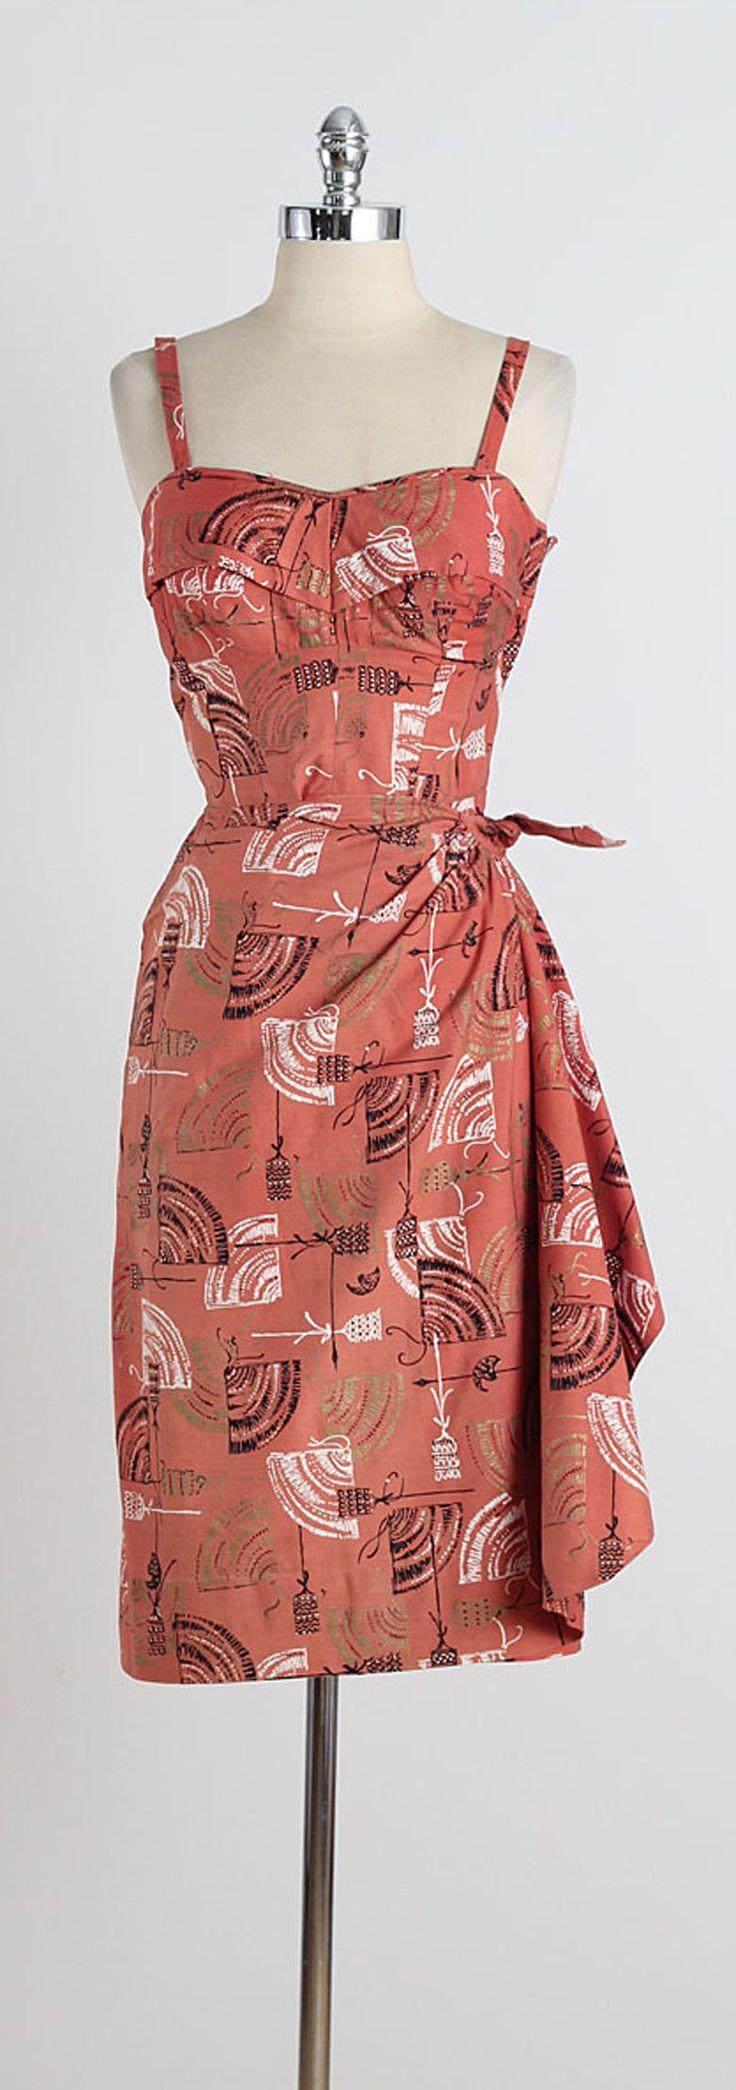 1950s Hawaiian Tiki Print Cotton Sarong Dress